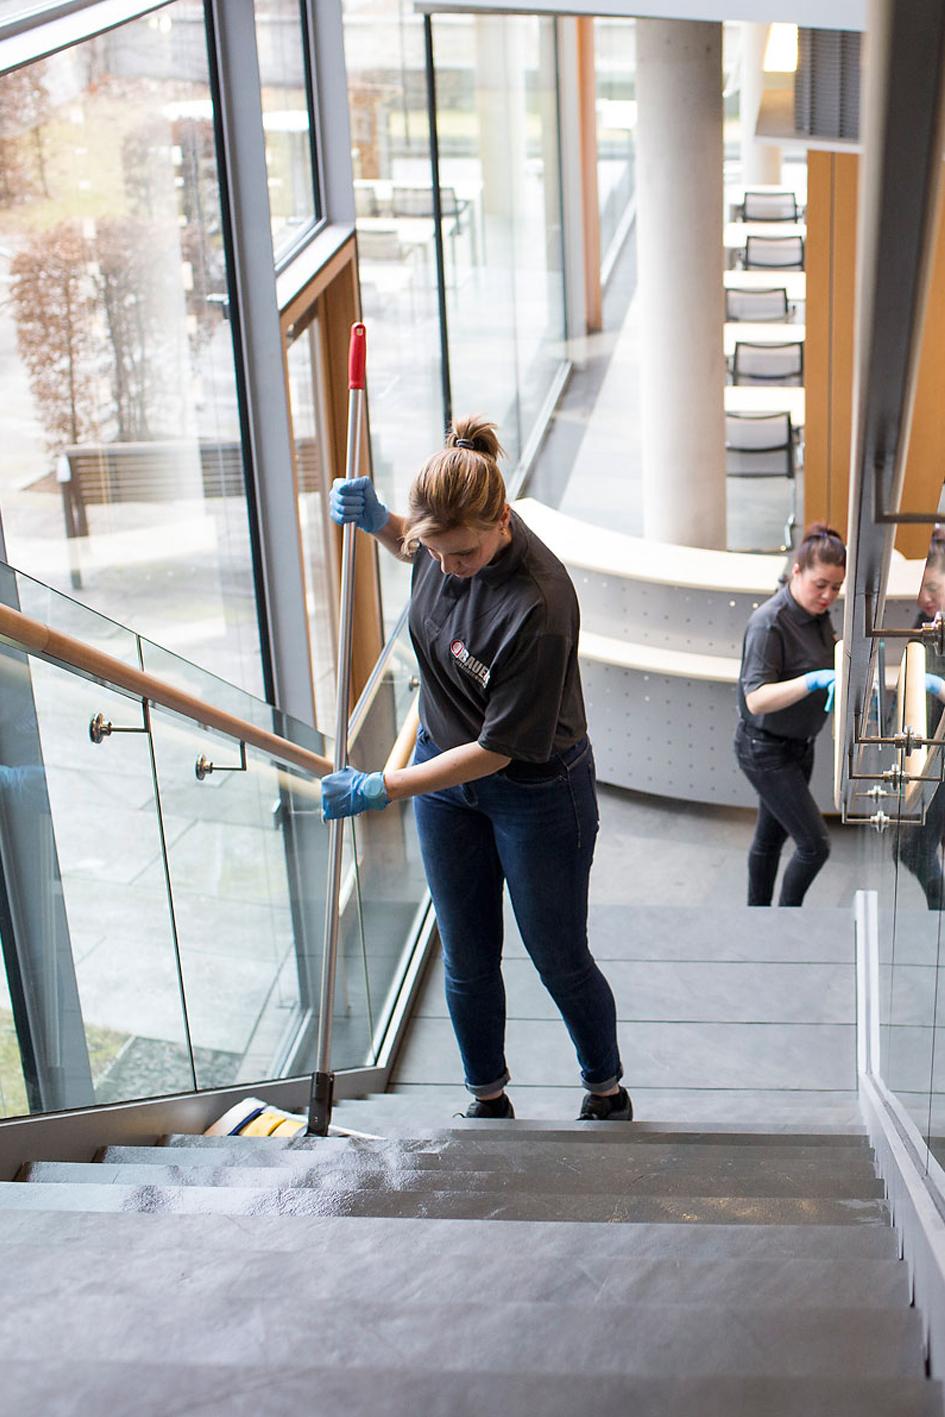 Unterhaltsreinigung vom Profi, Wir reinigen Verwaltungsgebäude und Gewerbegebäude pünktlich und zuverlässig